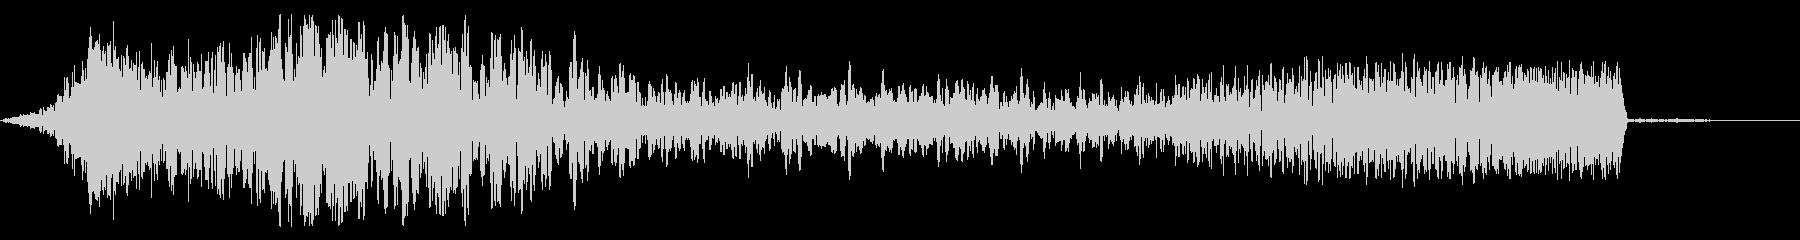 インパクト音〜ピアノフェードインの未再生の波形